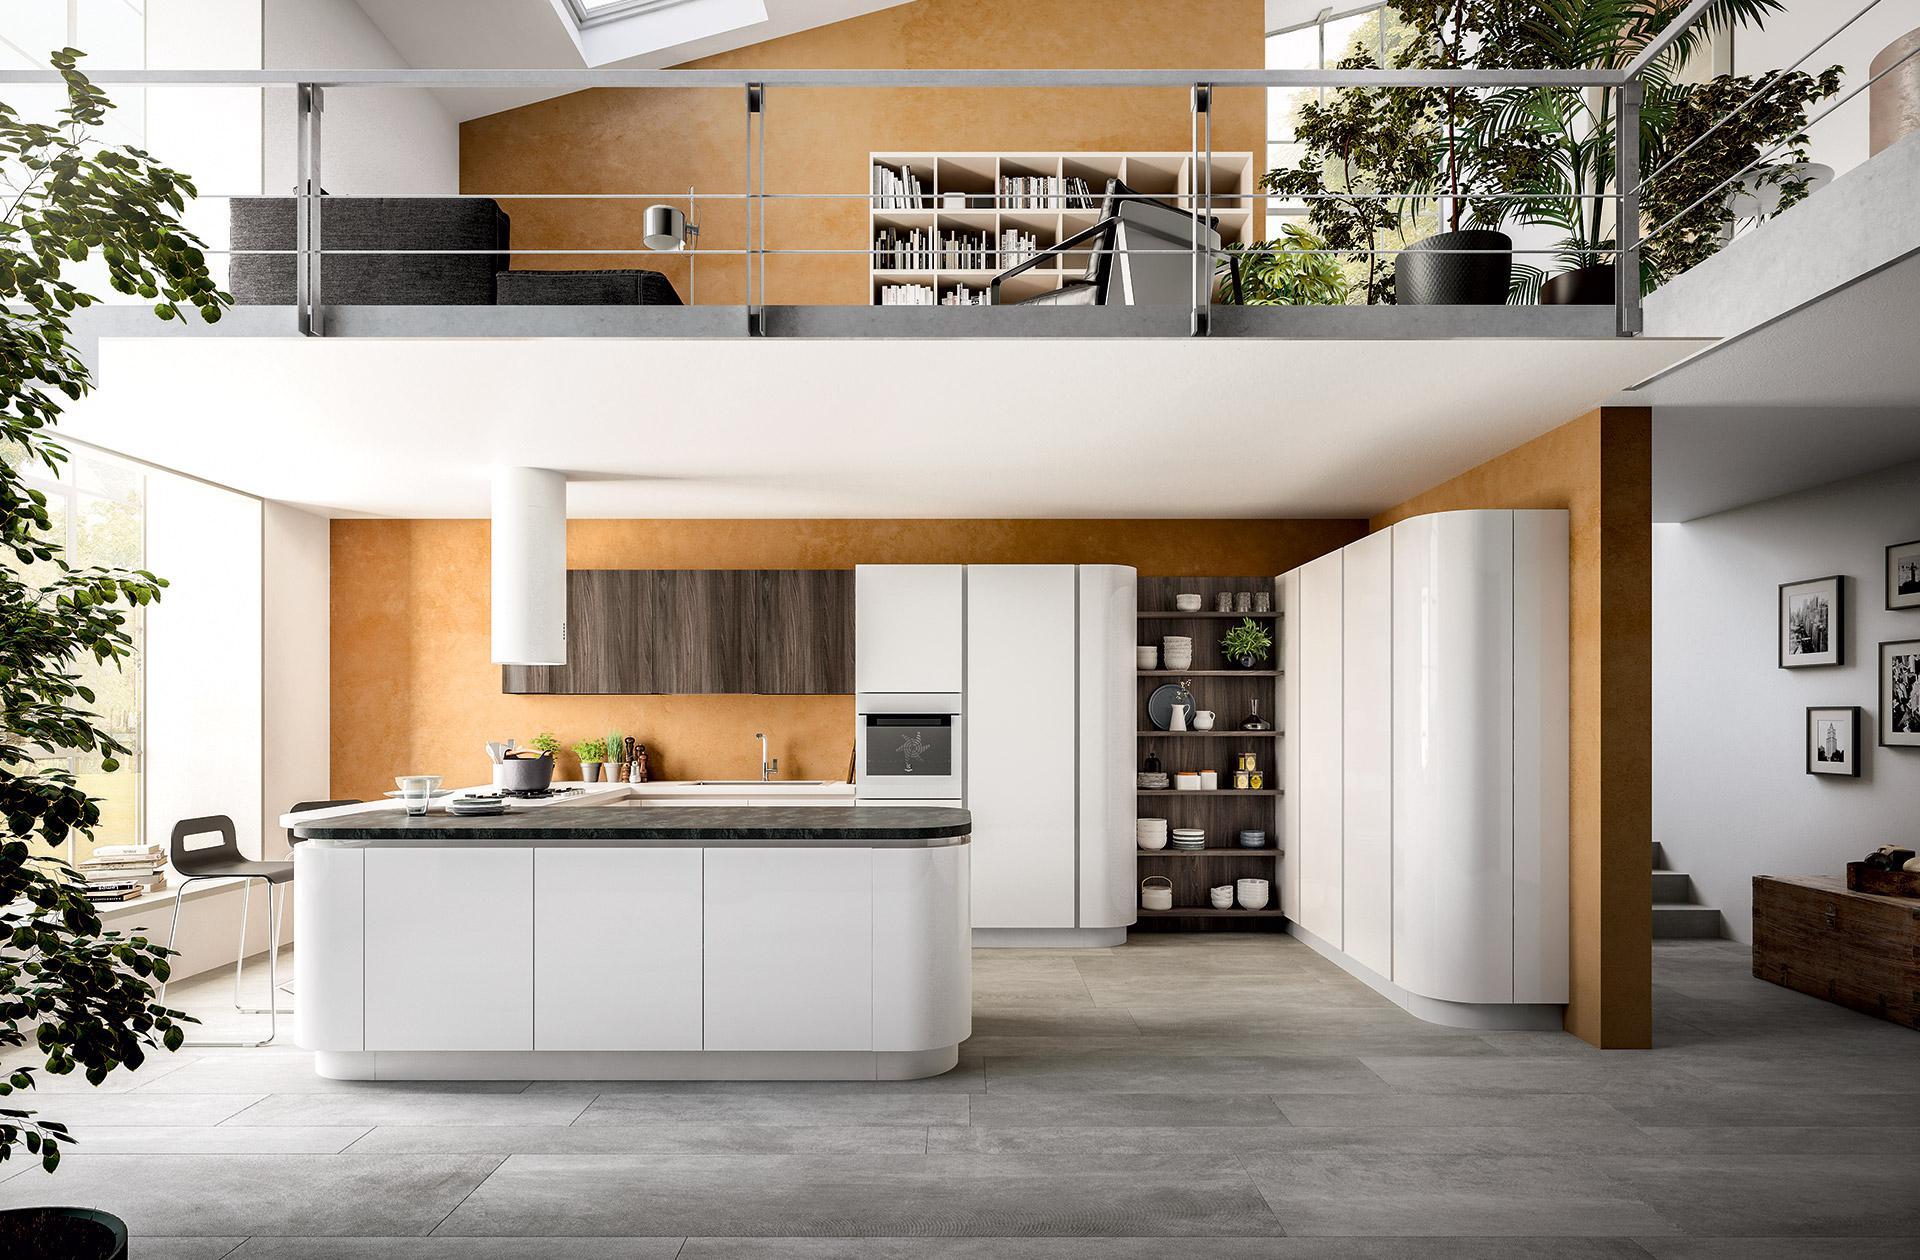 Cucina xxl vol 3 cucine design astra for Cucine arredo 3 rivenditori